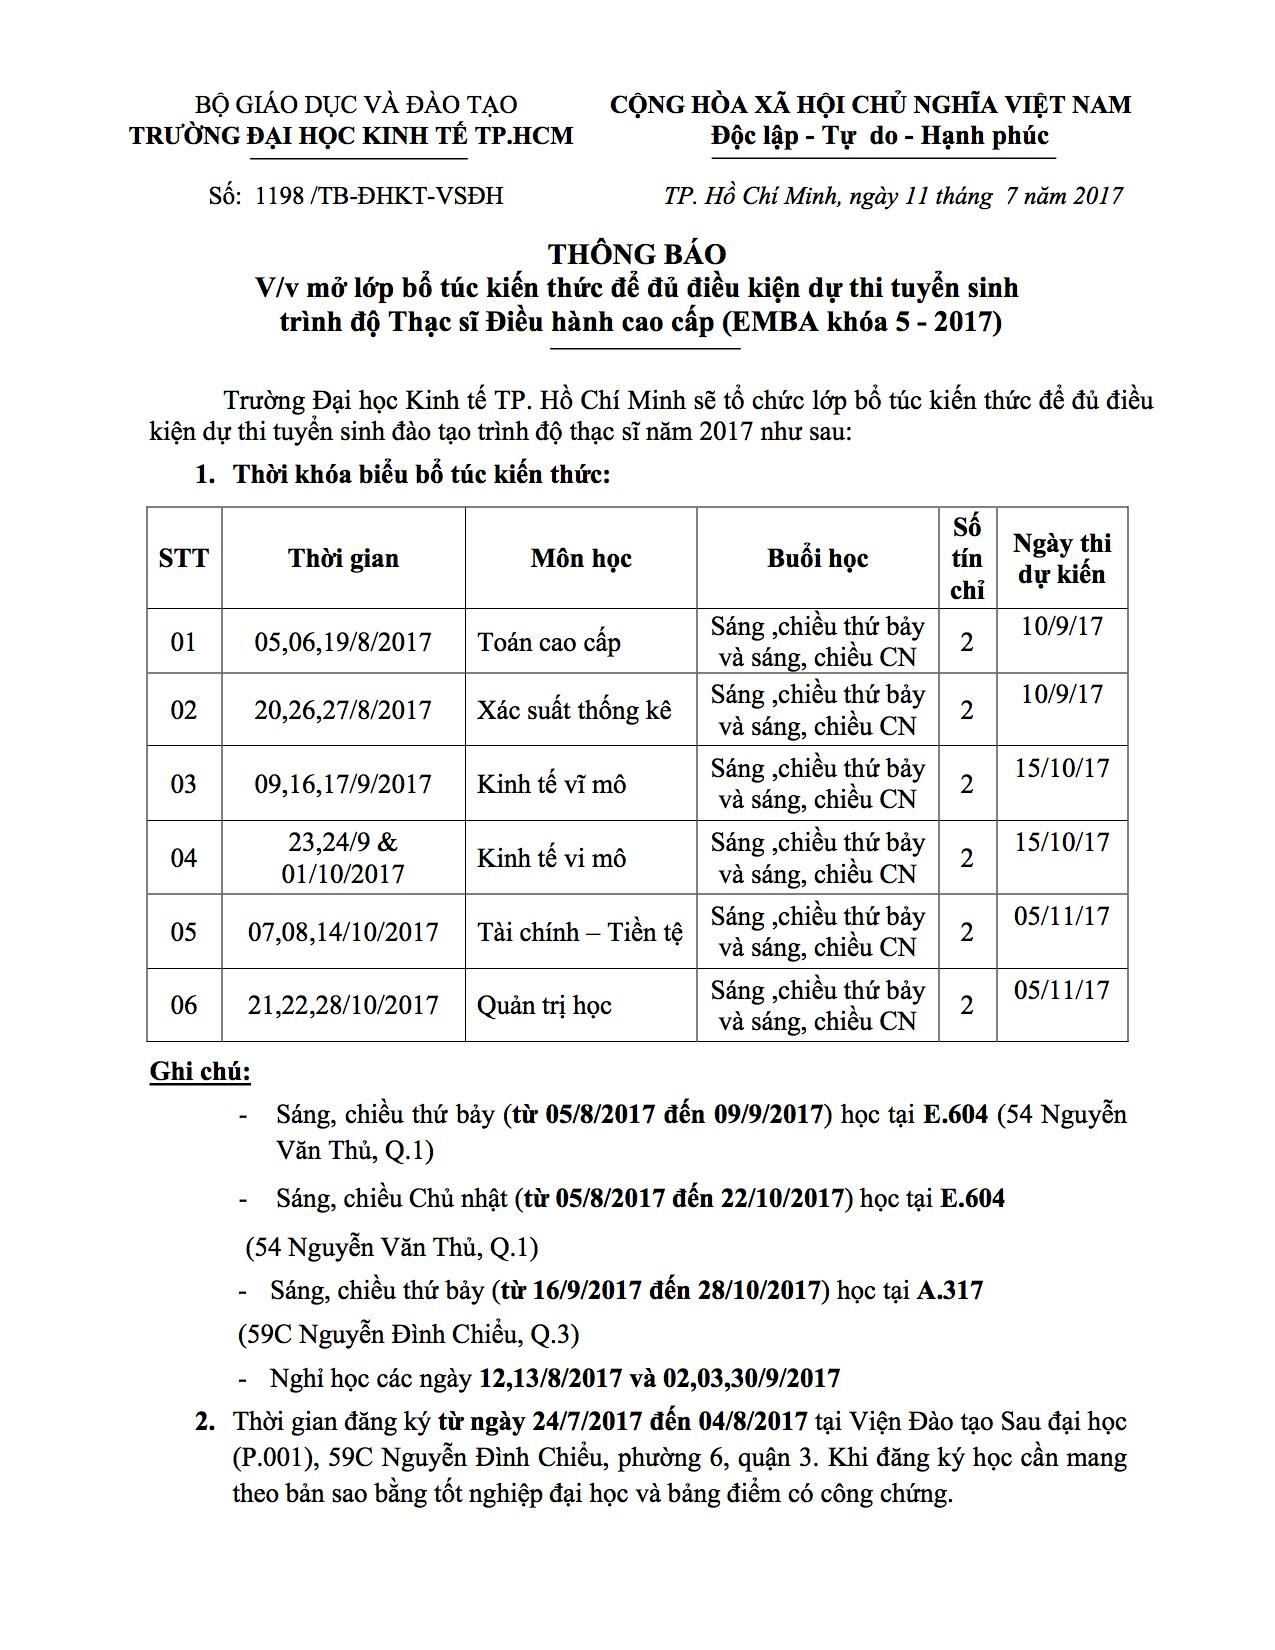 Thong bao BTKT lop EMBA khoa 5 -2017